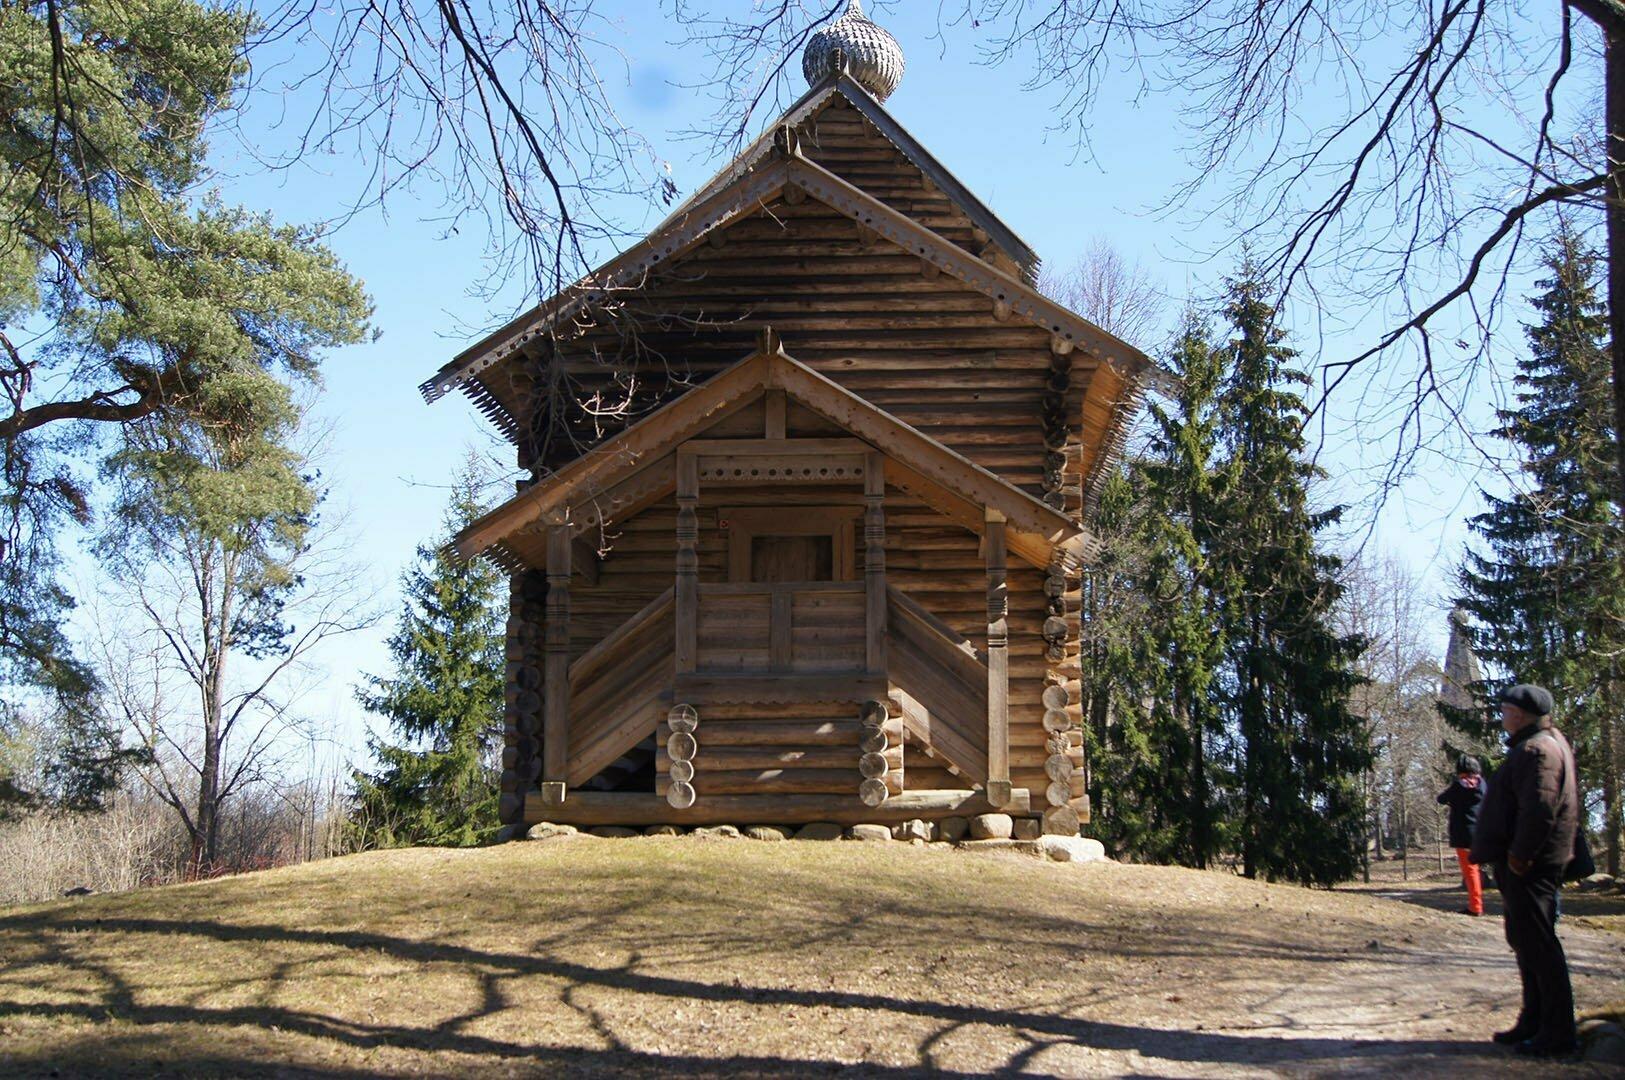 Никольская церковь (1688 г.) из деревни Тухоля Крестецкого района. Музей деревянного зодчества в Великом Новгороде